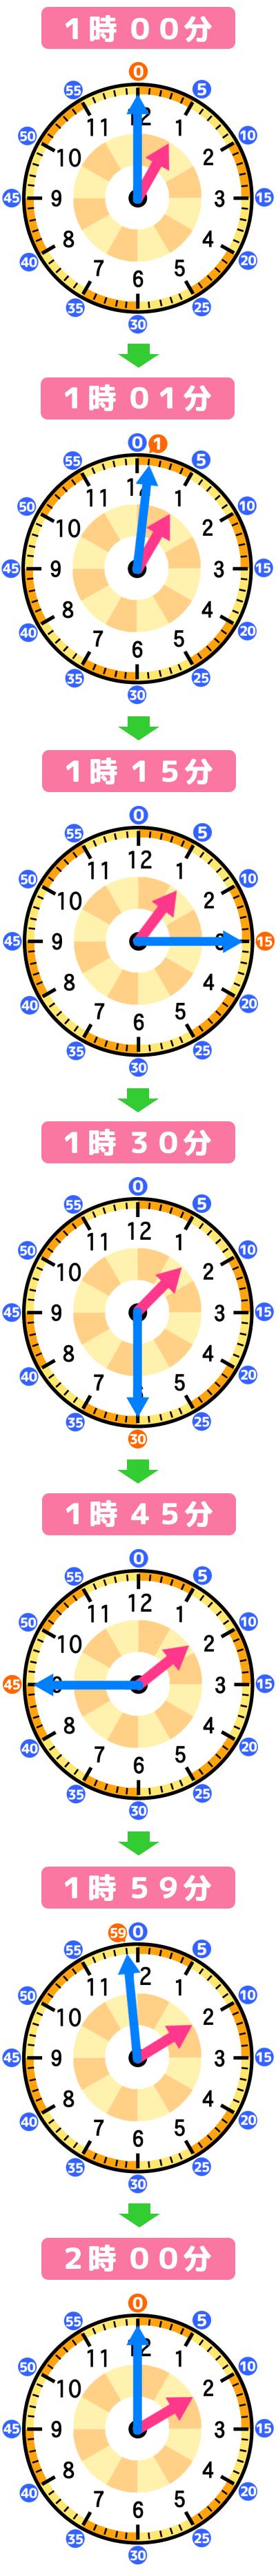 「1時ちょうど」から「2時ちょうど」までの長針と短針の動き